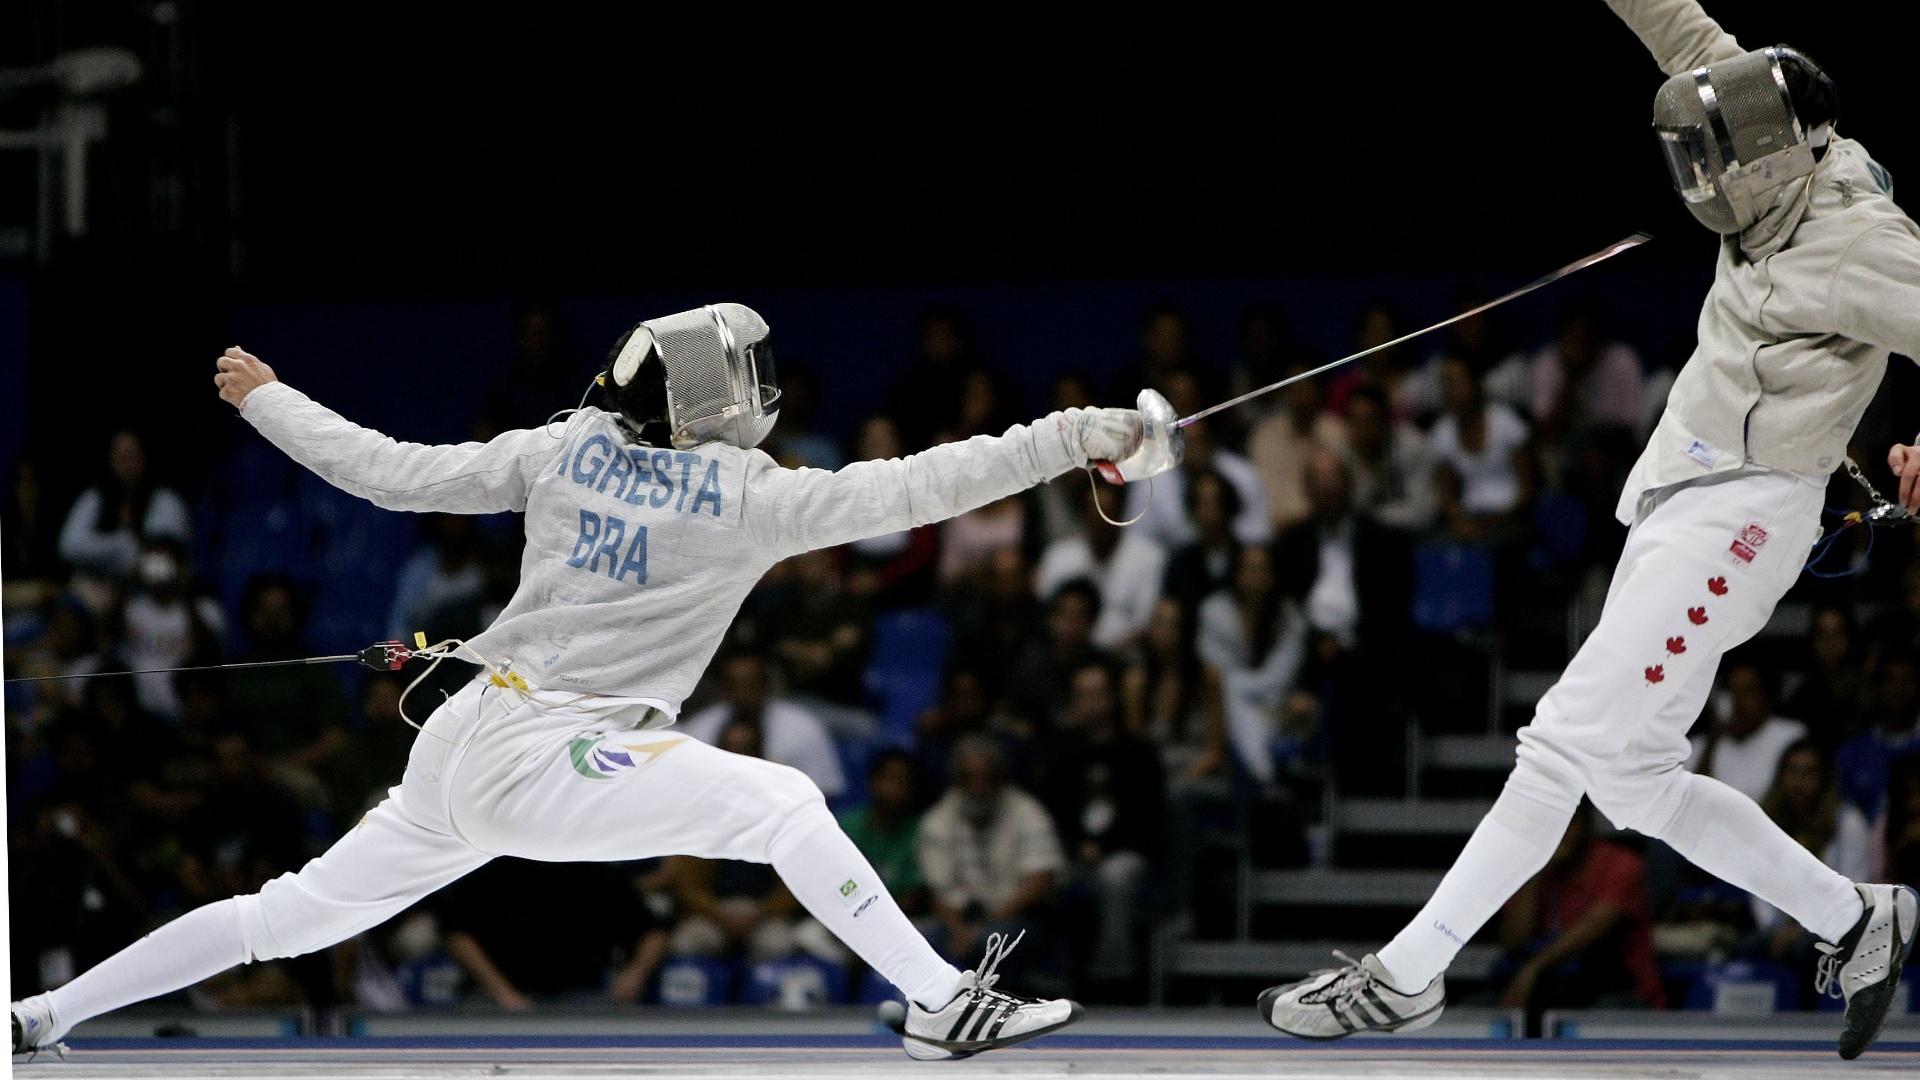 O esgrimista, Renzo Agresta luta contra o canadense Philipe Beaudry nos Jogos Pan americanos do Rio de Janeiro 2007